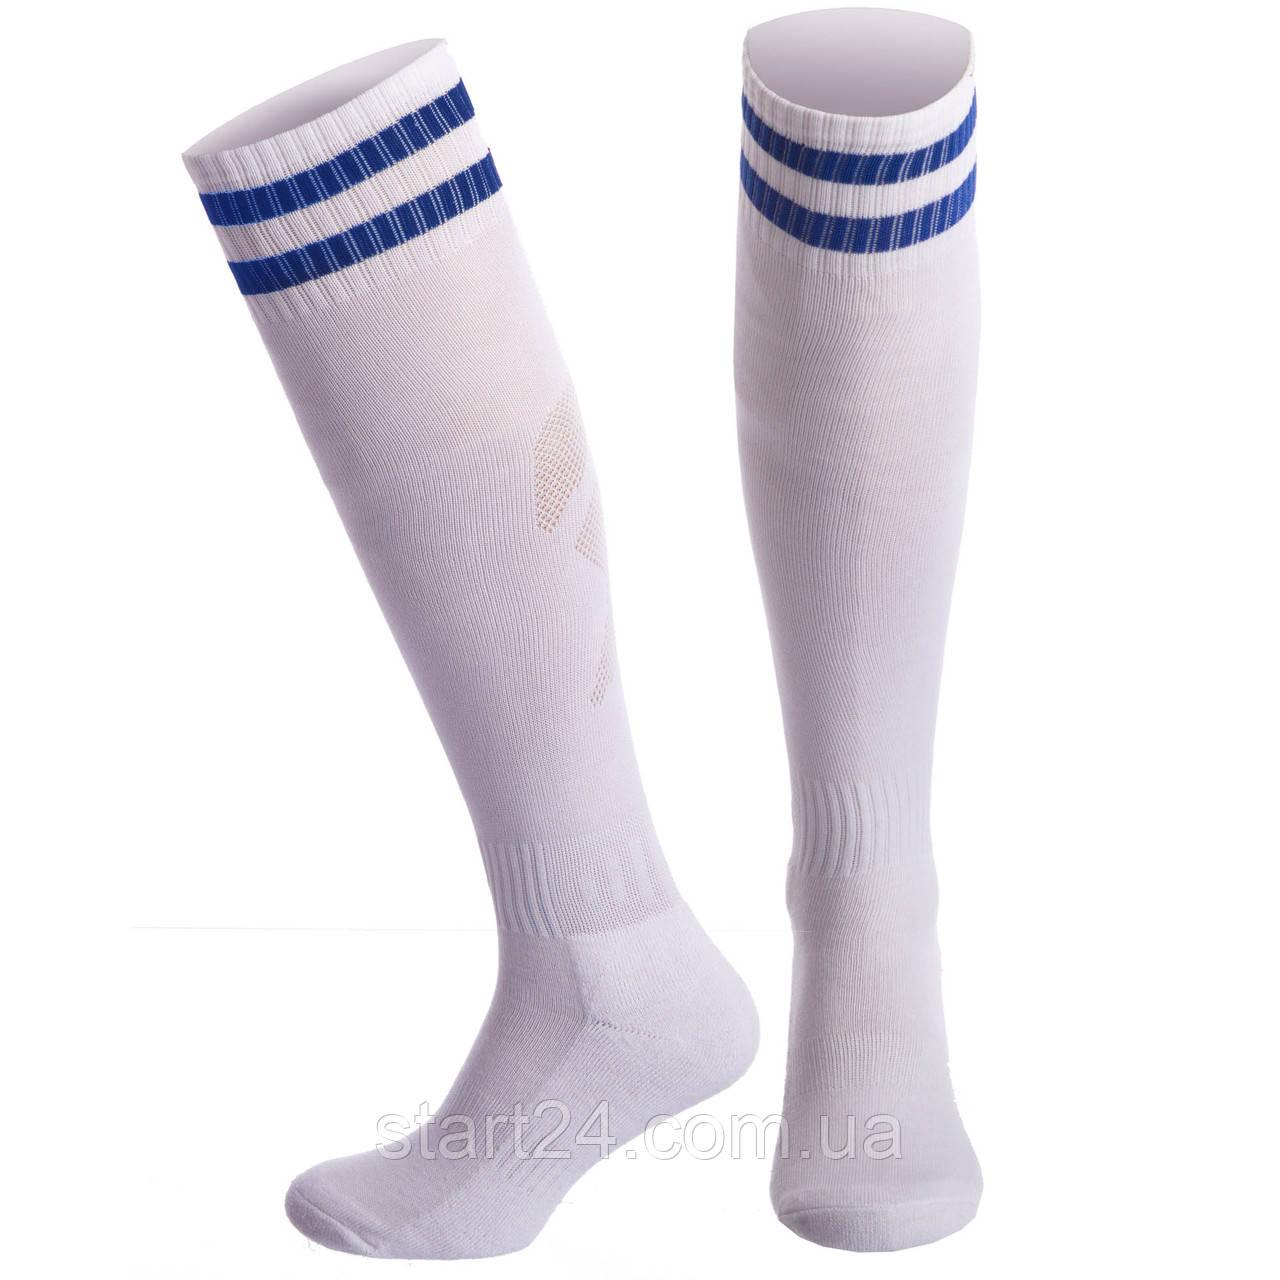 Гетры футбольные мужские CTM011 (терилен, размер 40-45, цвета в ассортименте)